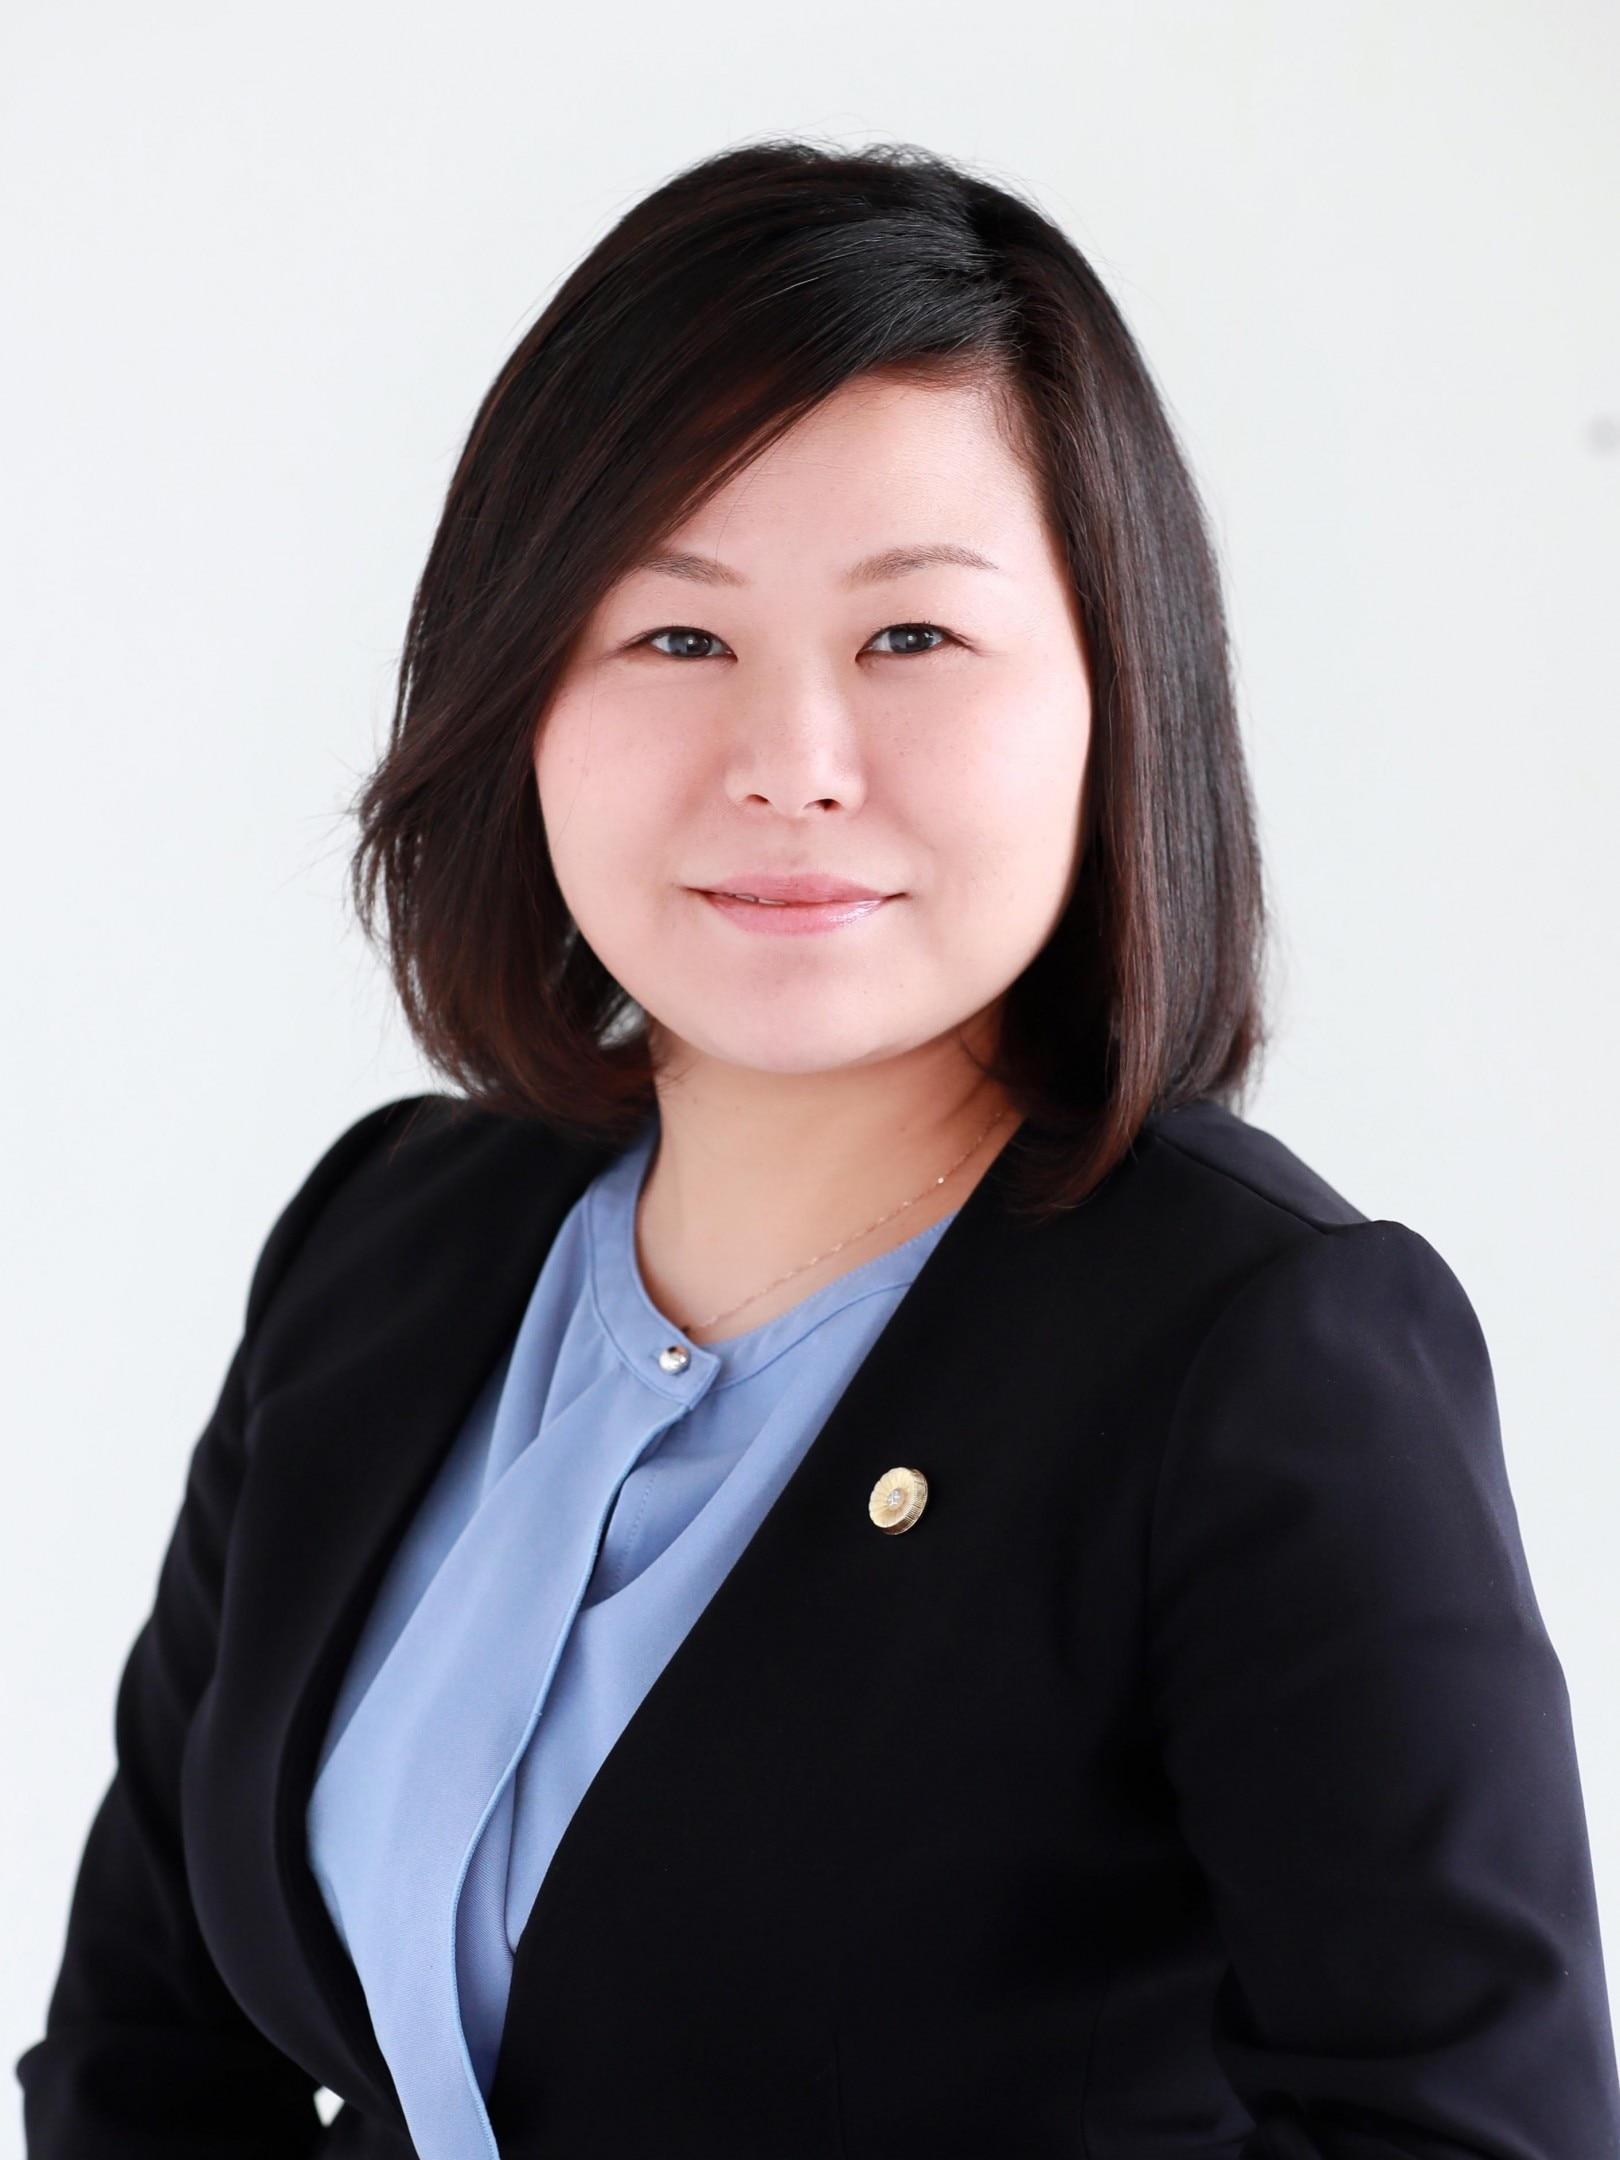 高橋 淑弁護士